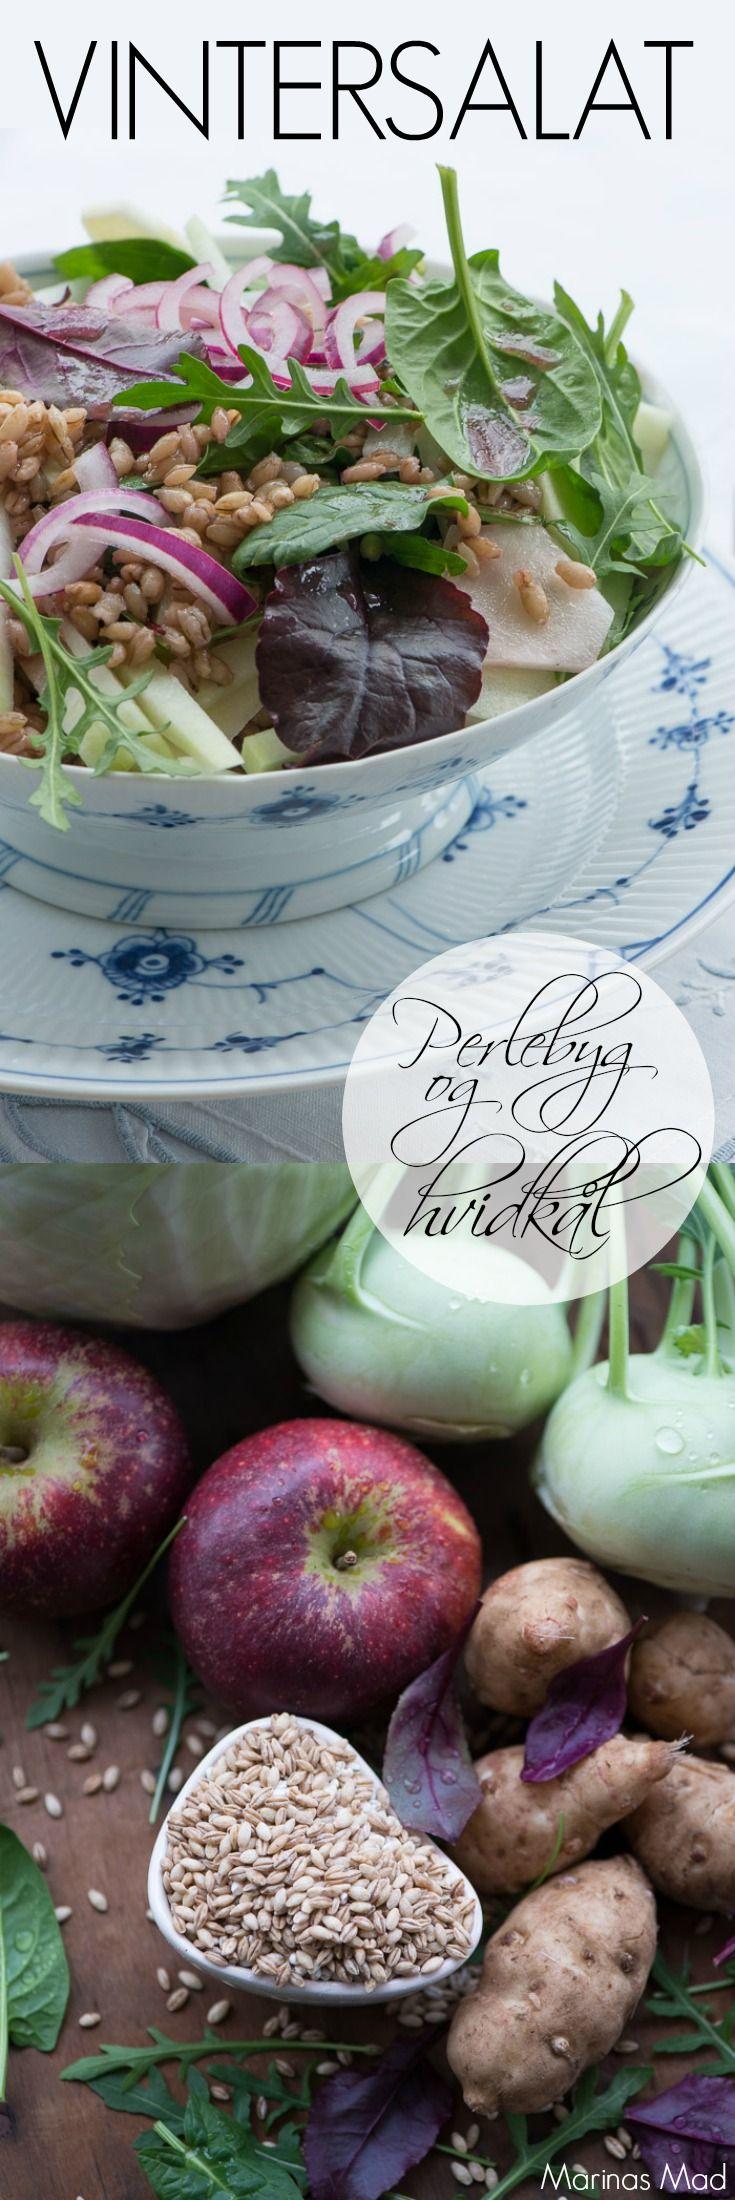 Vintersalat med perlebyg og hvidkål. Smager skønt som tilbehør men kan også spises alene som et selvstændigt måltid. Opskrift fra Marinas Mad